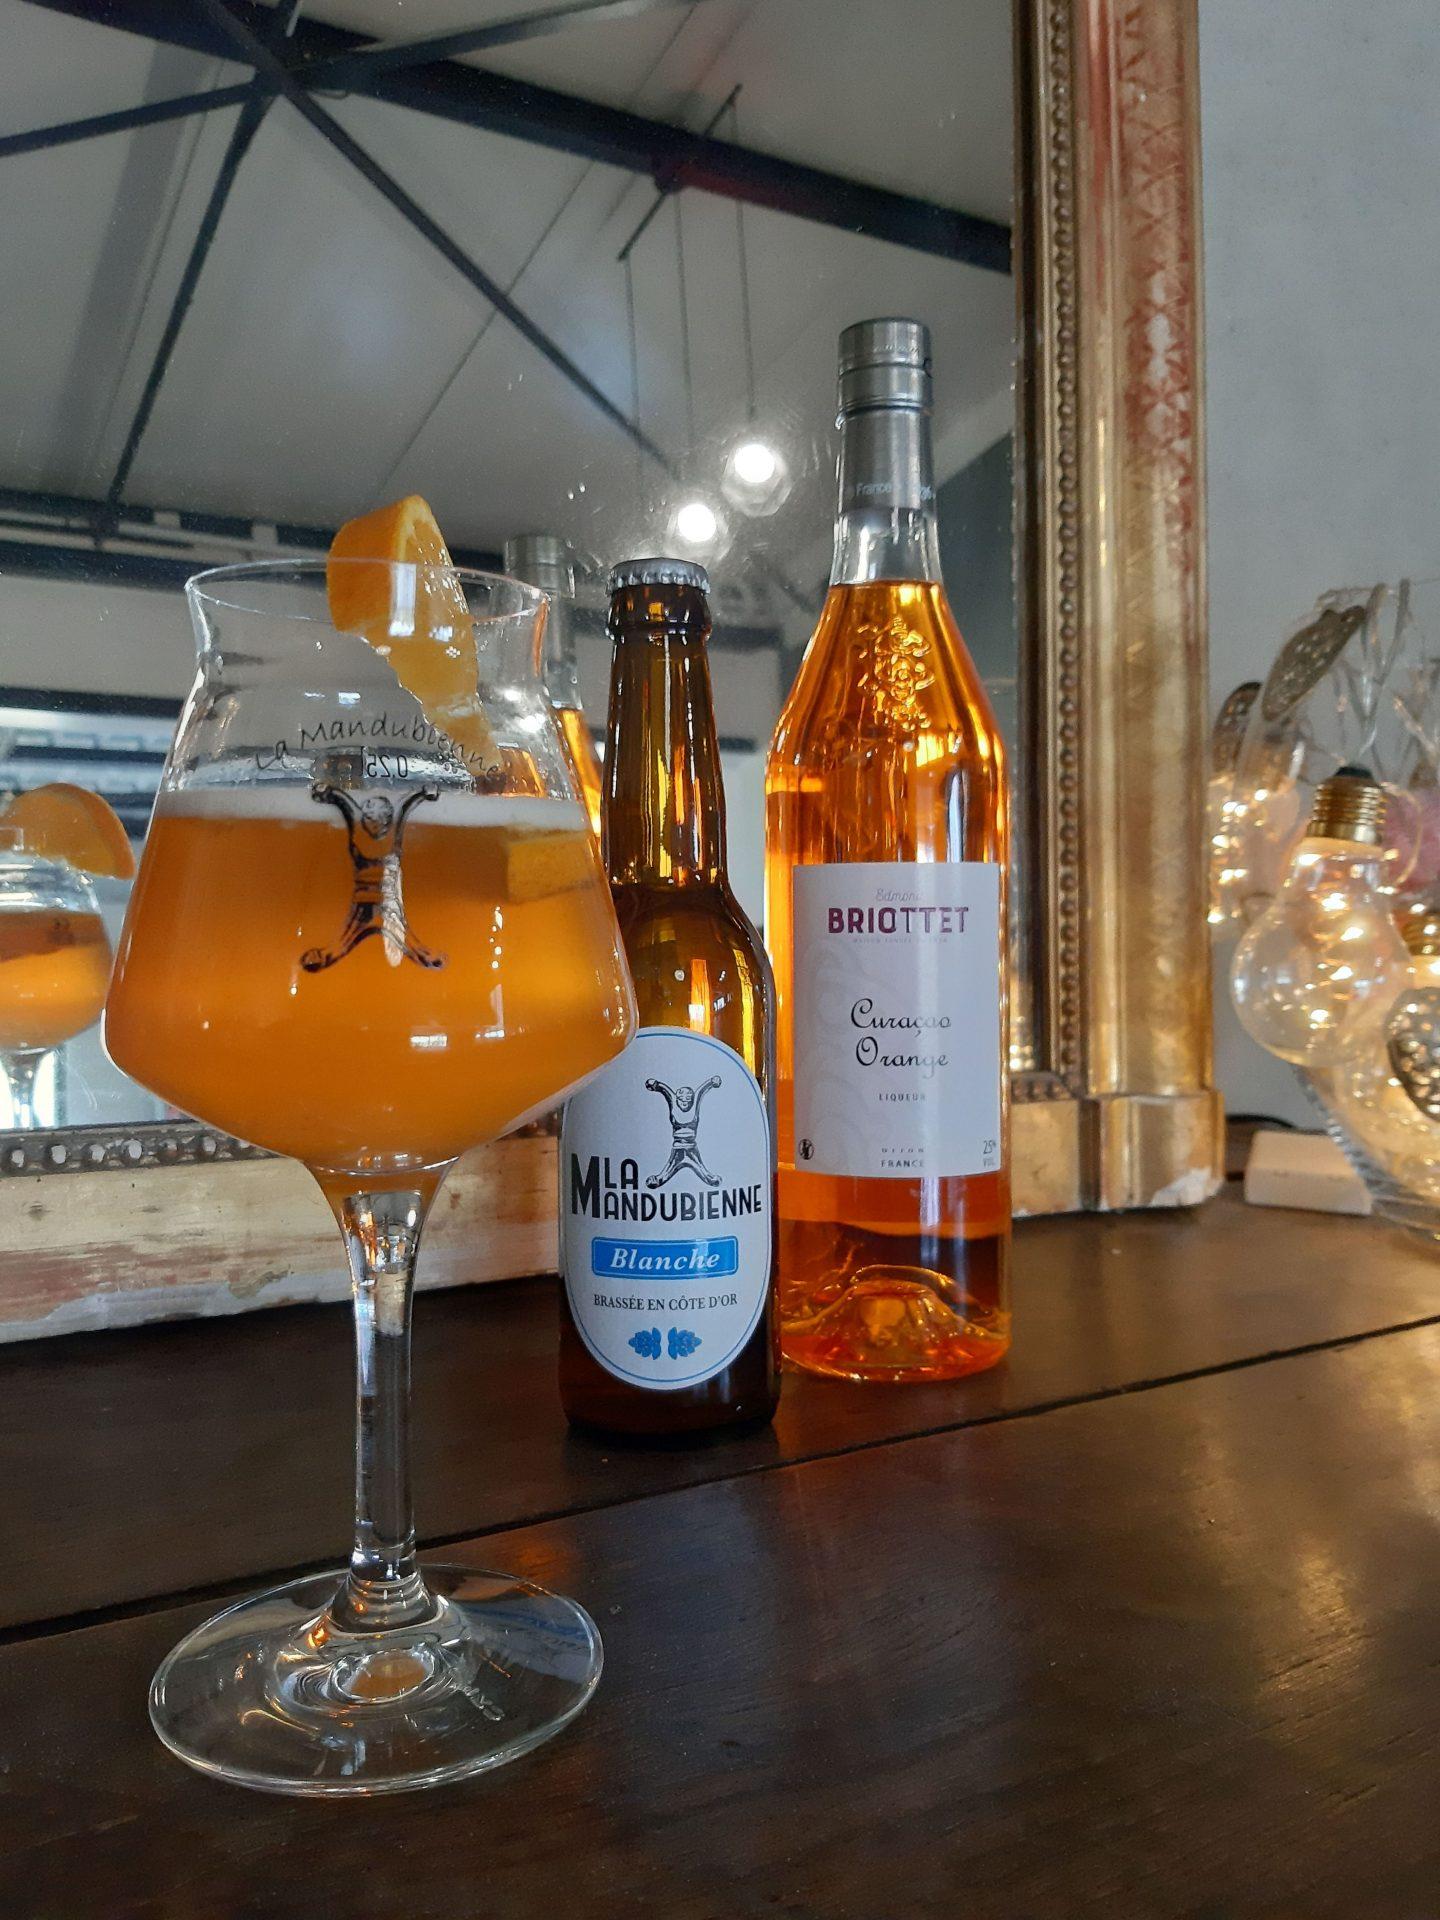 Spritz Beer - Briottet Brasserie des Trois Fontaines